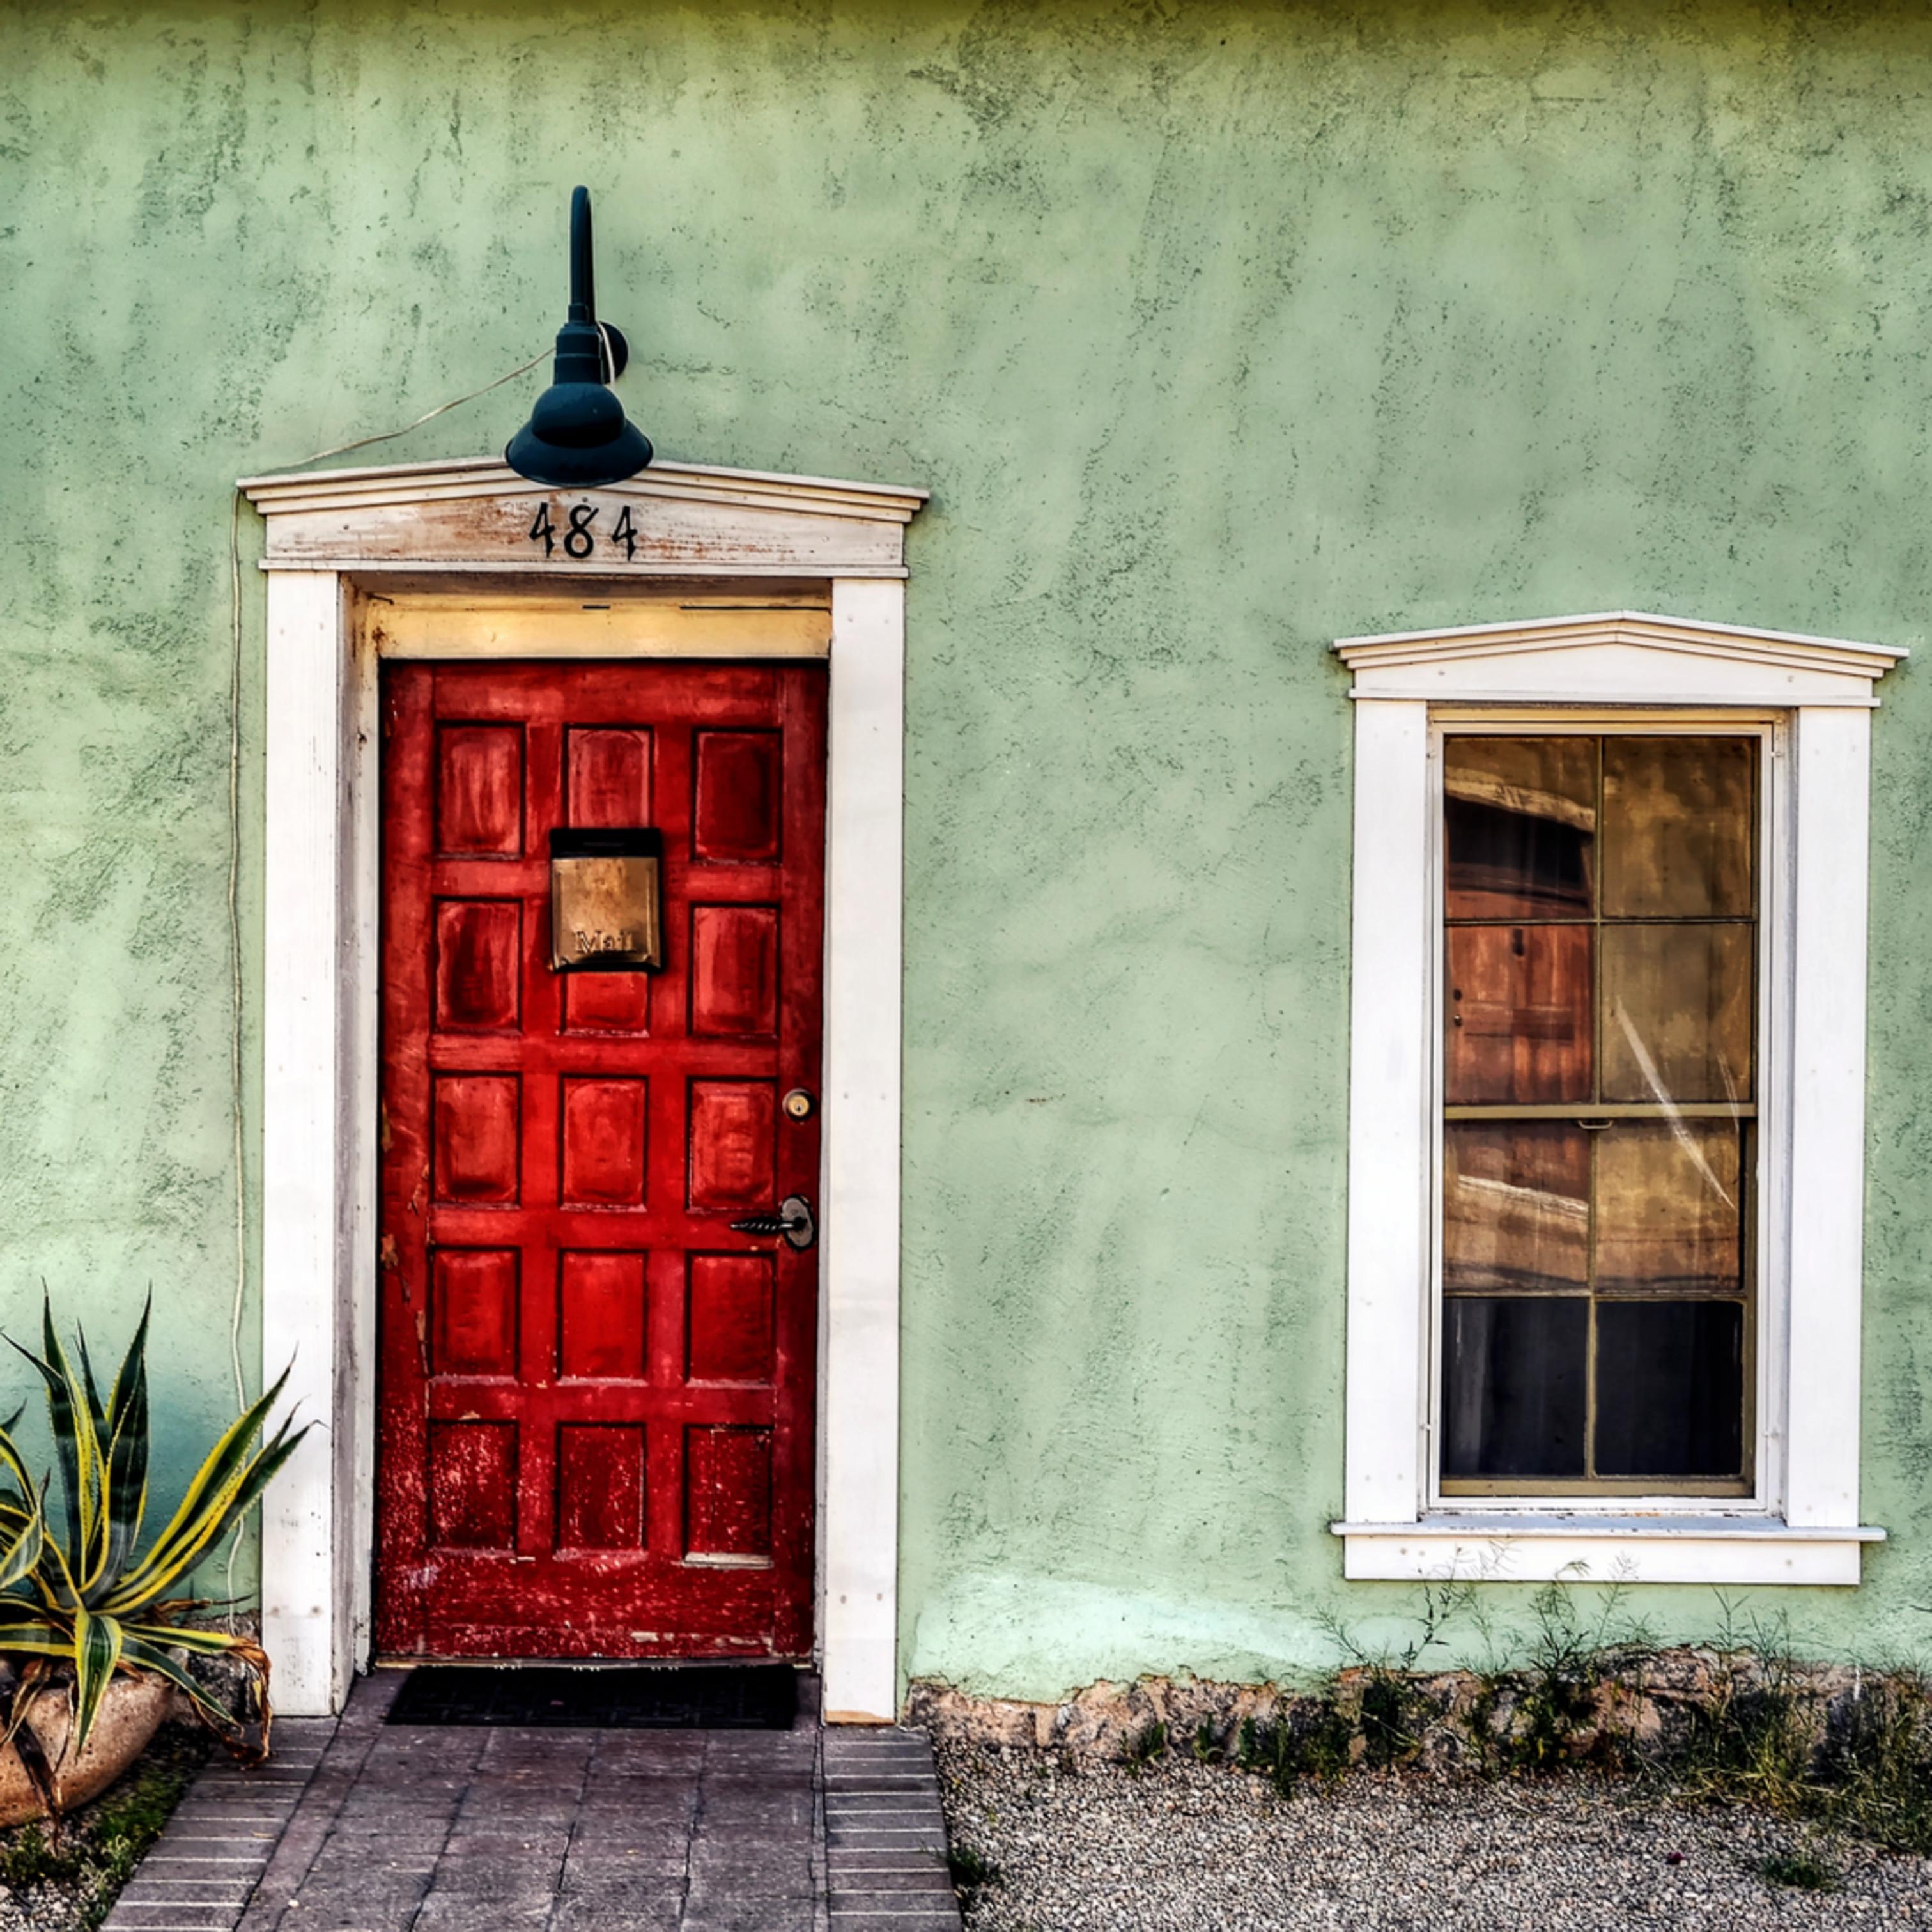 The red door qvyfev